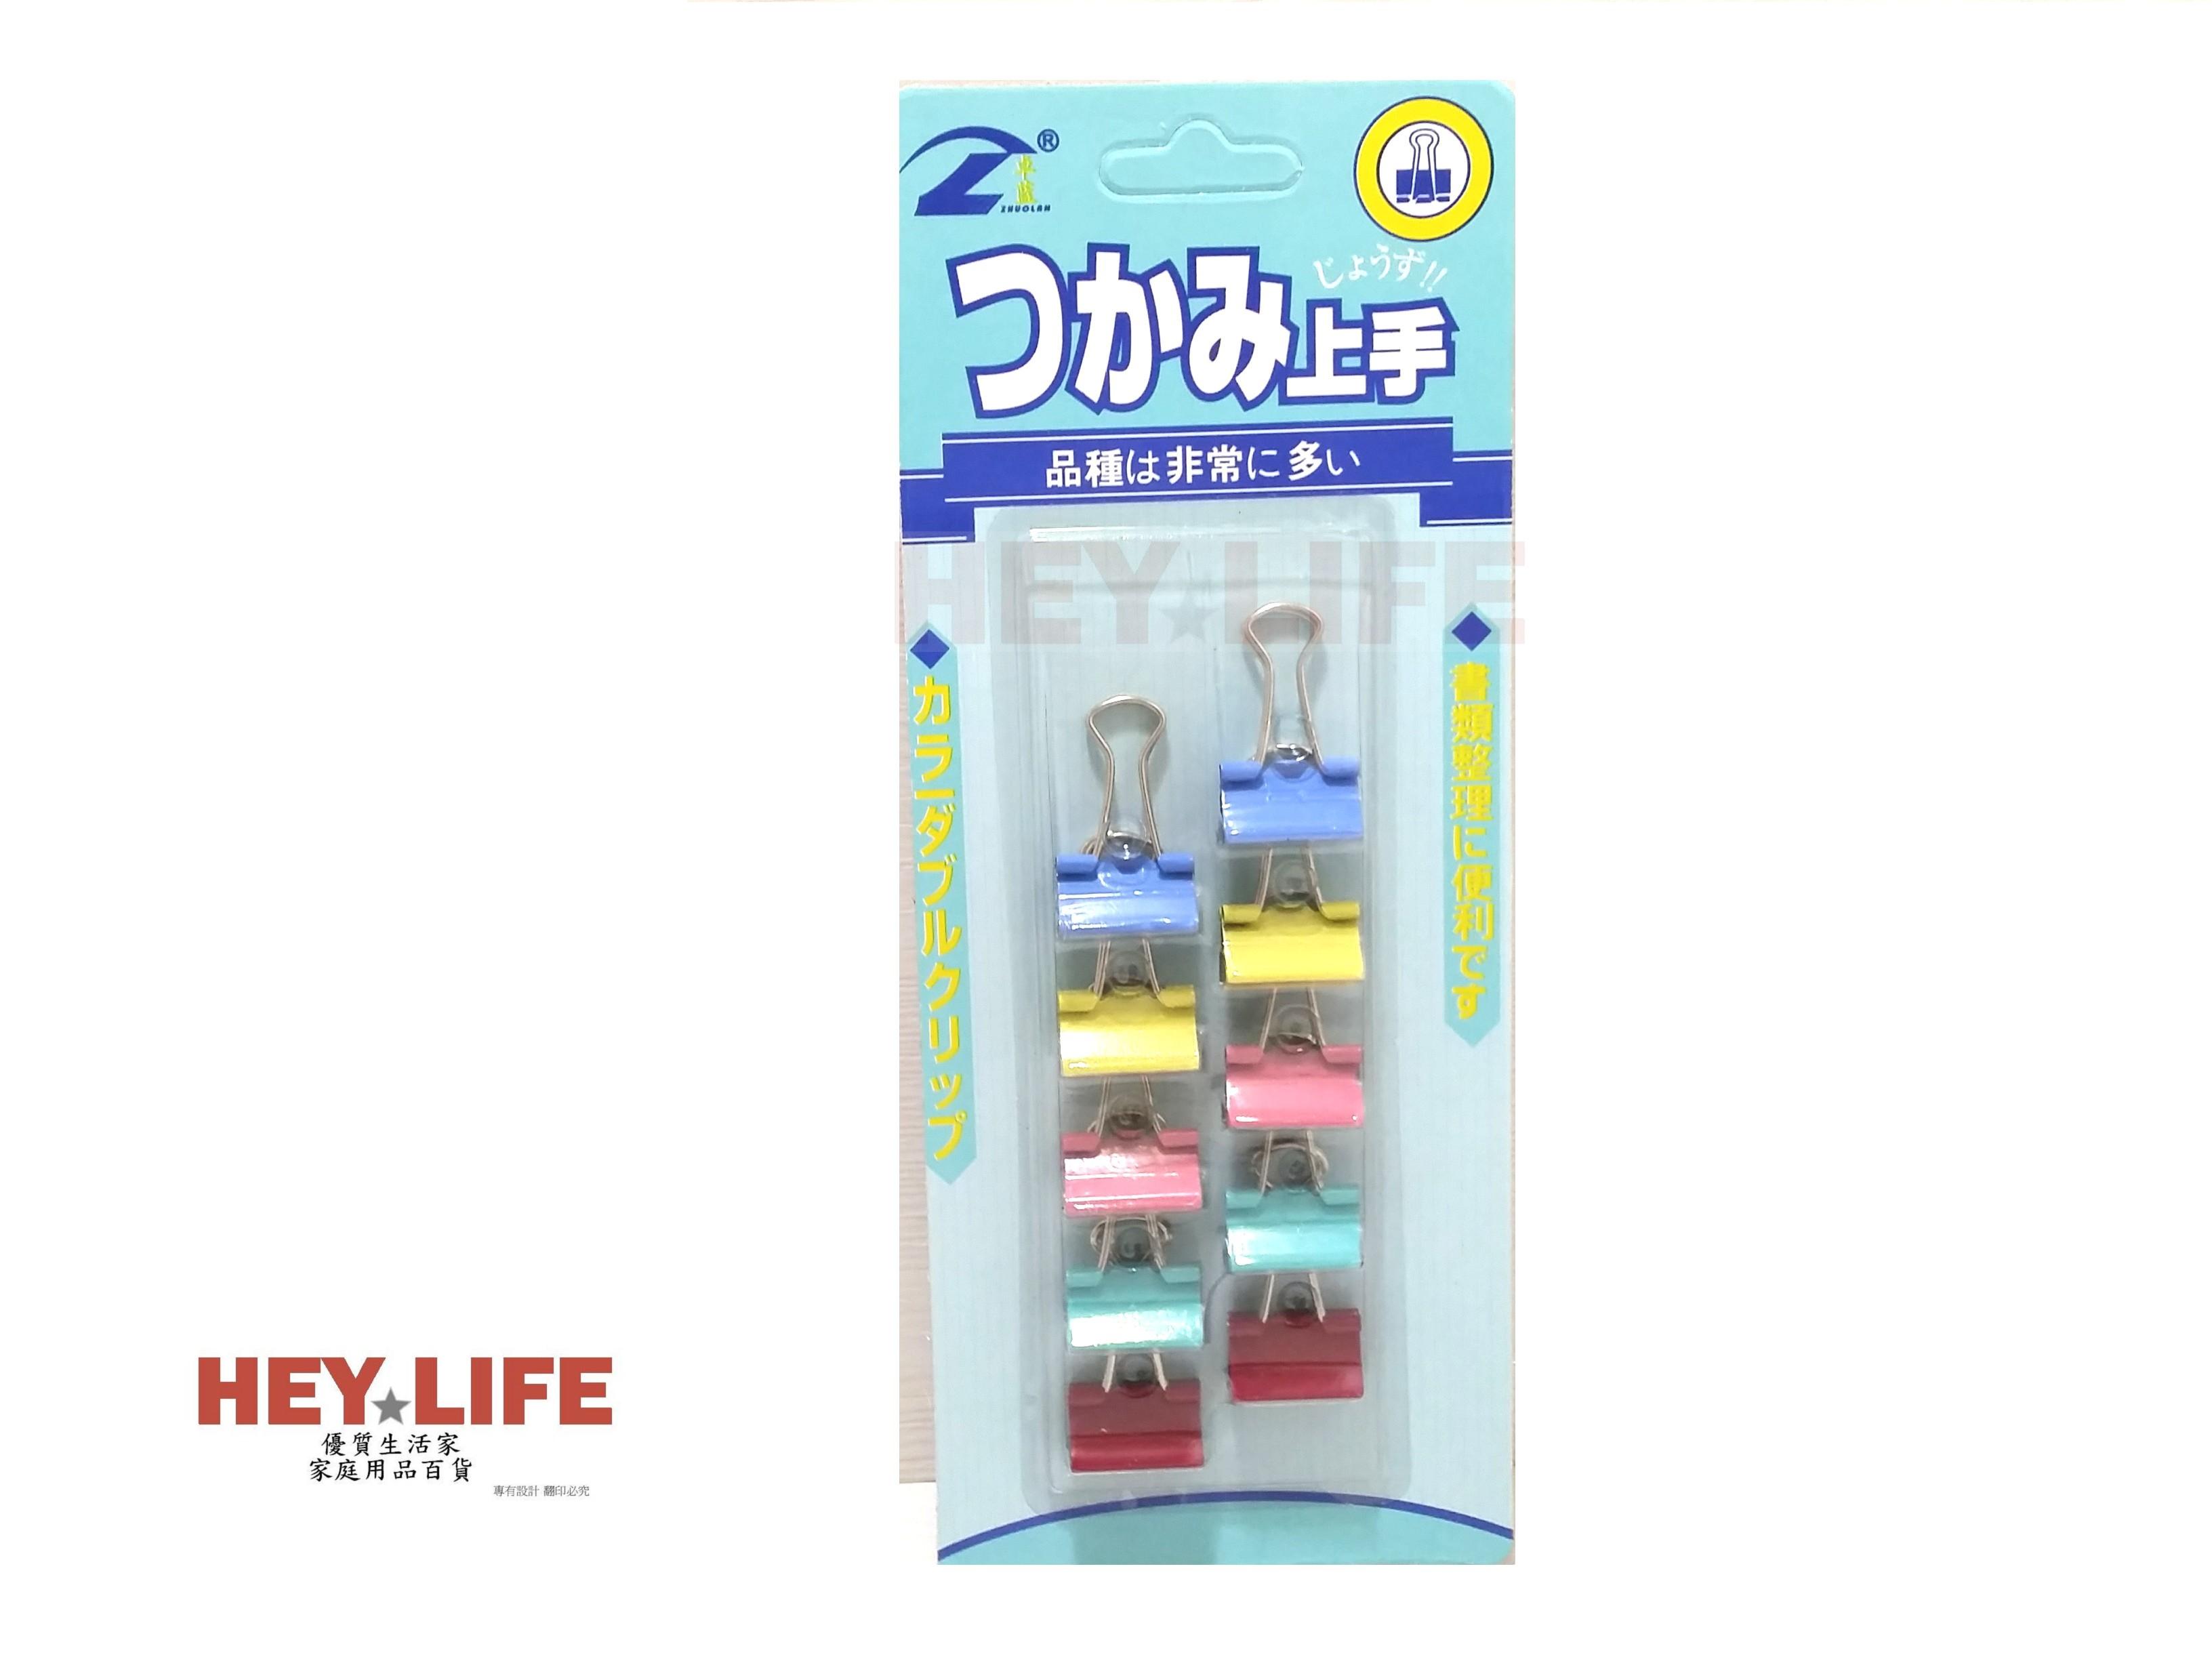 【HEYLIFE優質生活家】長尾夾(彩色)10入 15mm 文具夾 夾 優質嚴選 品質保證